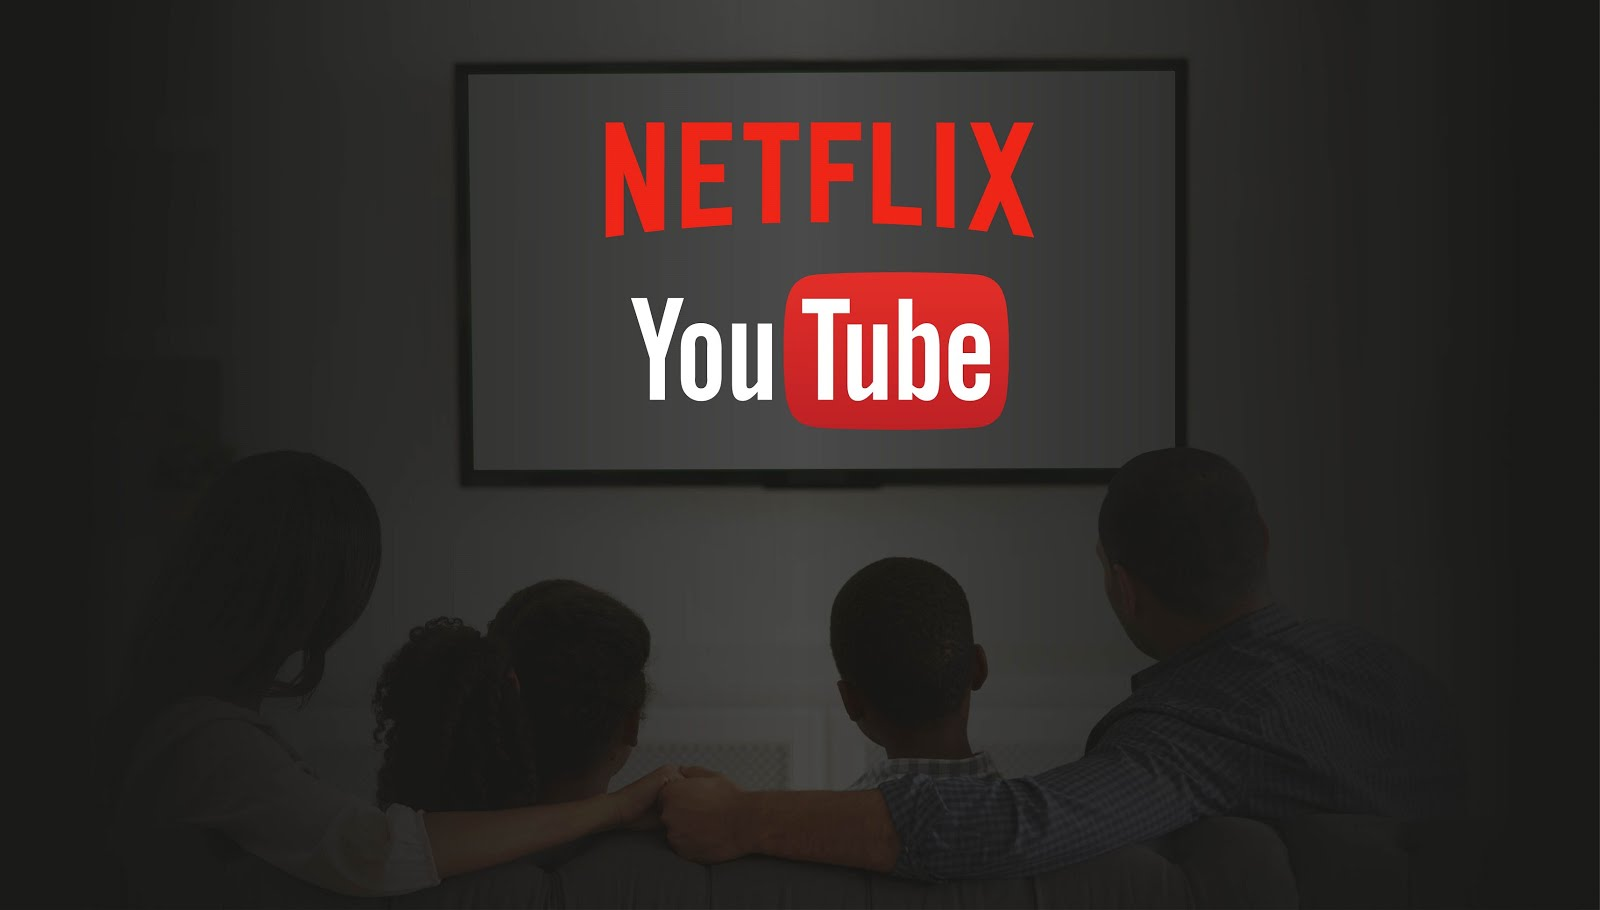 Coronavirus, Netflix e YouTube riducono la qualità dello streaming